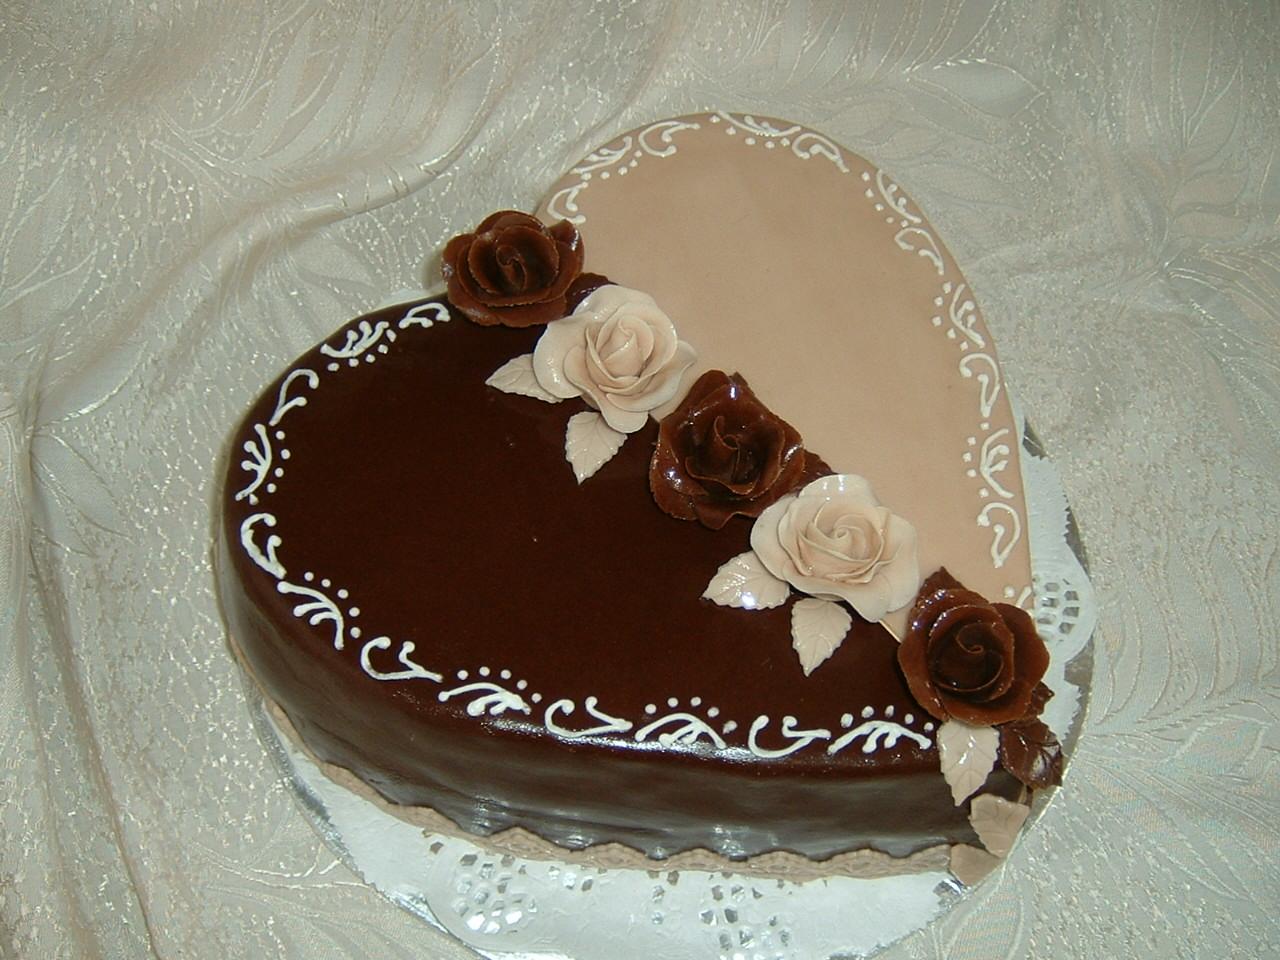 szív torta képek Rozi Erdélyi konyhája: Szív torta,drapp, sötétbarna díszítéssel szív torta képek